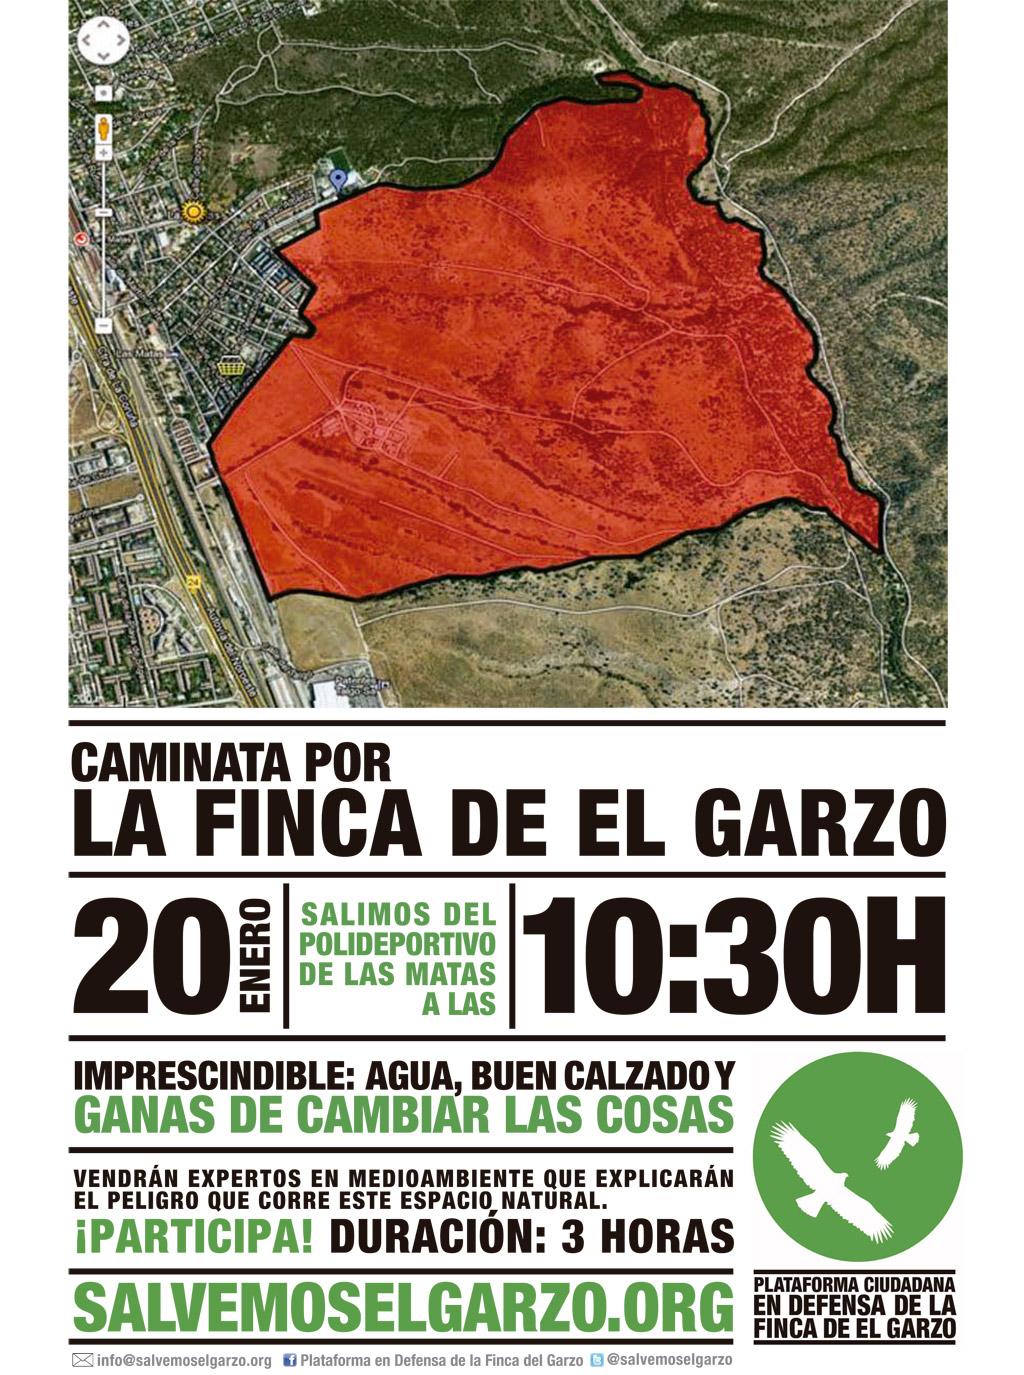 Caminata por la Finca de el Garzo el próximo domingo 20